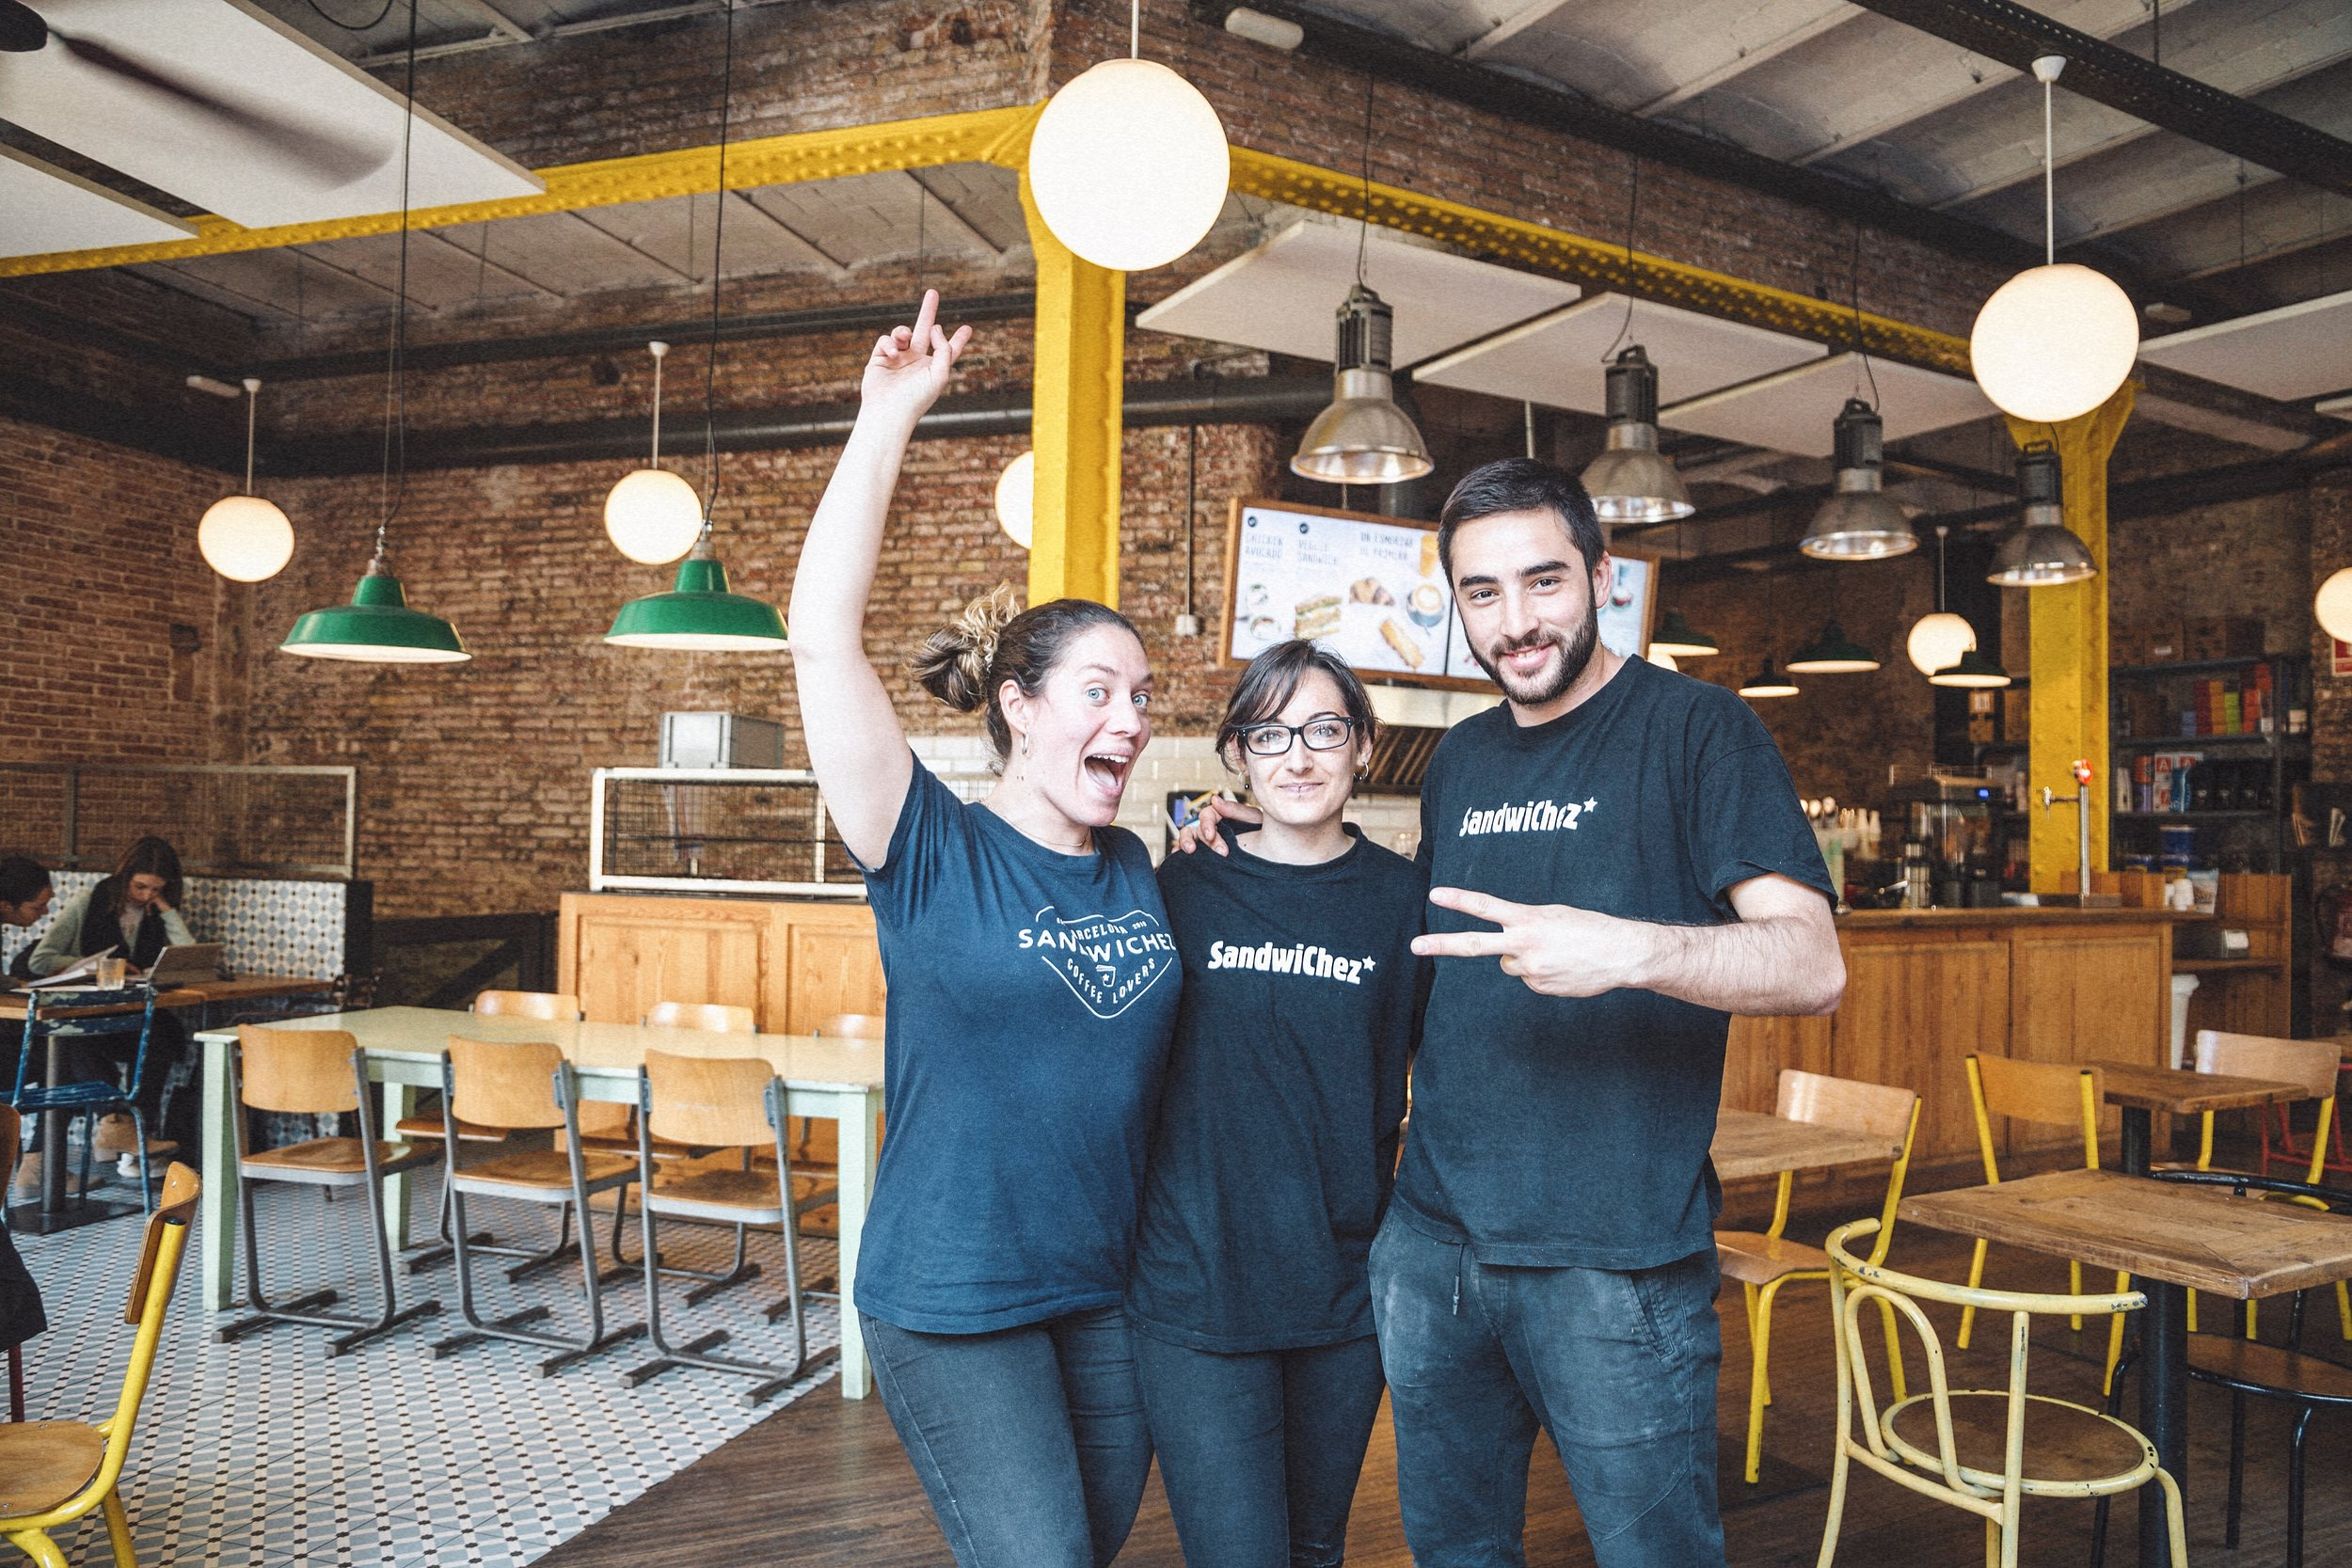 calidad de servicio - Hemos intentado crear un equipo de gente joven y un clima donde nos sentimos orgullosos de trabajar. Nos encanta hacer el trabajo bien hecho y sentirnos parte de un proyecto que vale la pena. Si no estás satisfecho con el servicio recibido, agradeceremos que nos lo hagas saber a sandwichez@sandwichez.es